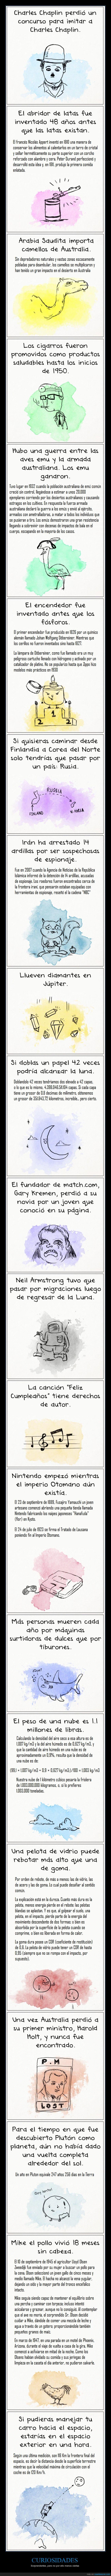 Actualidad,Colección,Hecho reales,Recopilatorio